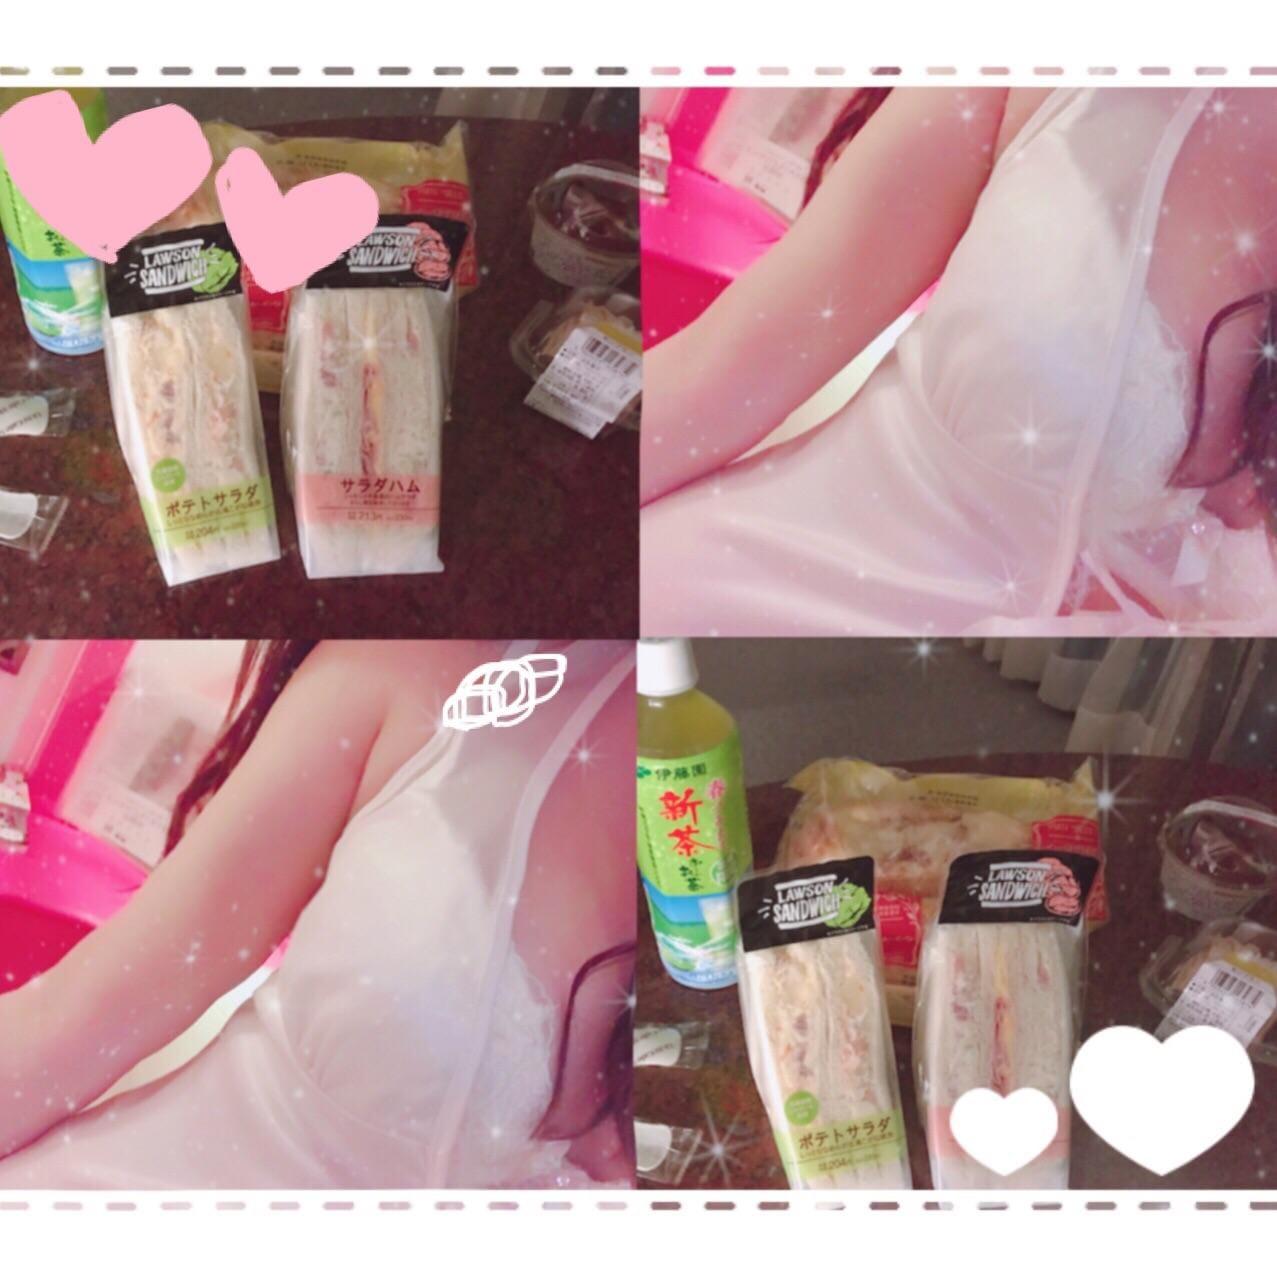 体験Gちゃん「昨日のお礼です?」05/19(土) 20:10 | 体験Gちゃんの写メ・風俗動画